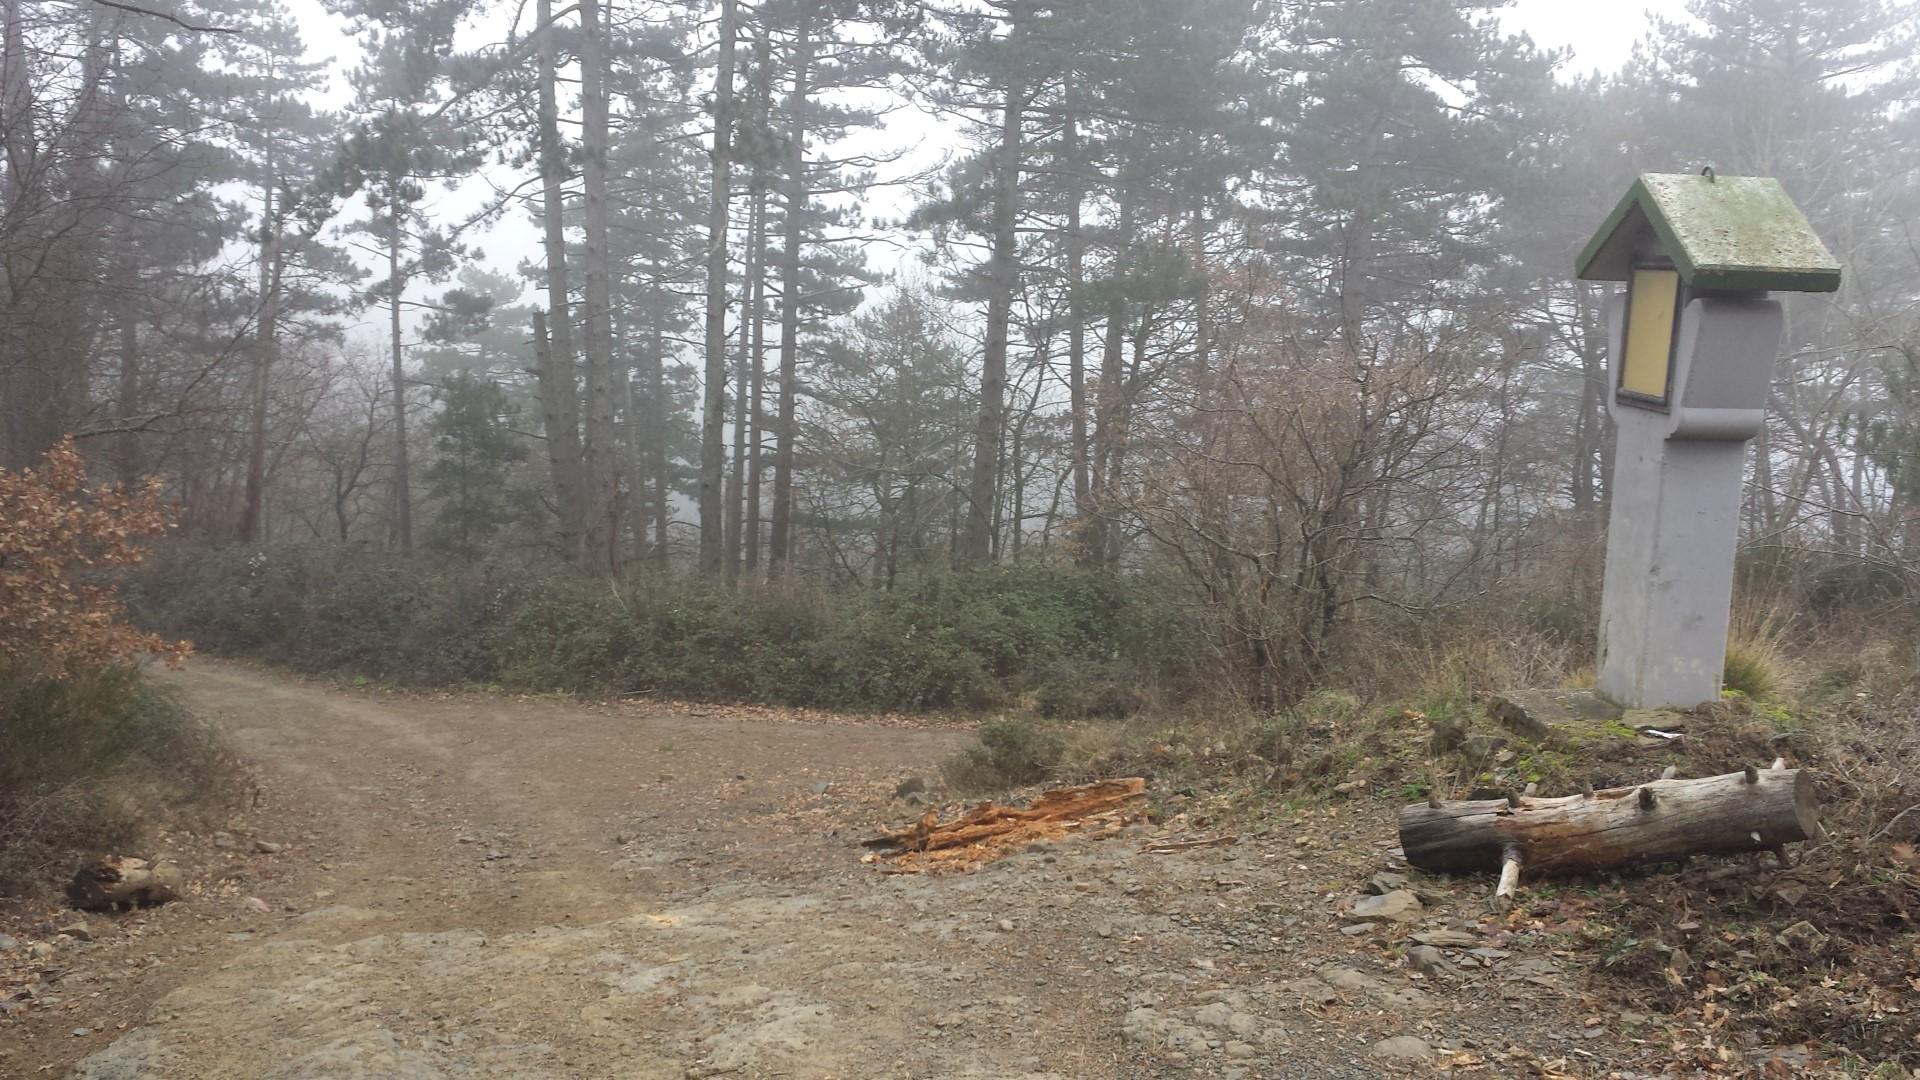 Incrocio tra sentiero CAI 551 e strada forestale per Lignano